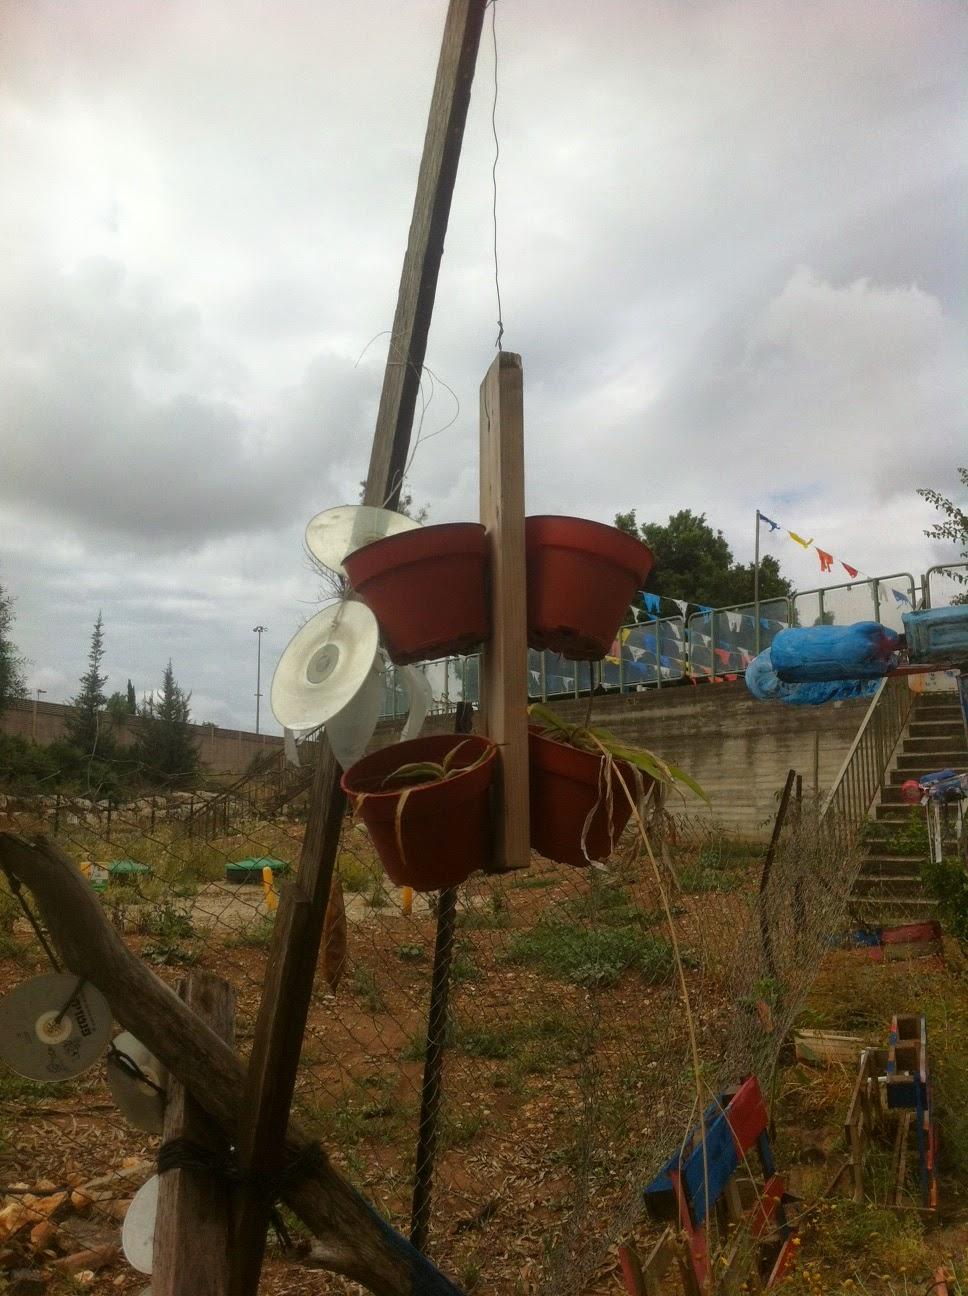 מתקן עציצים ודיסקים